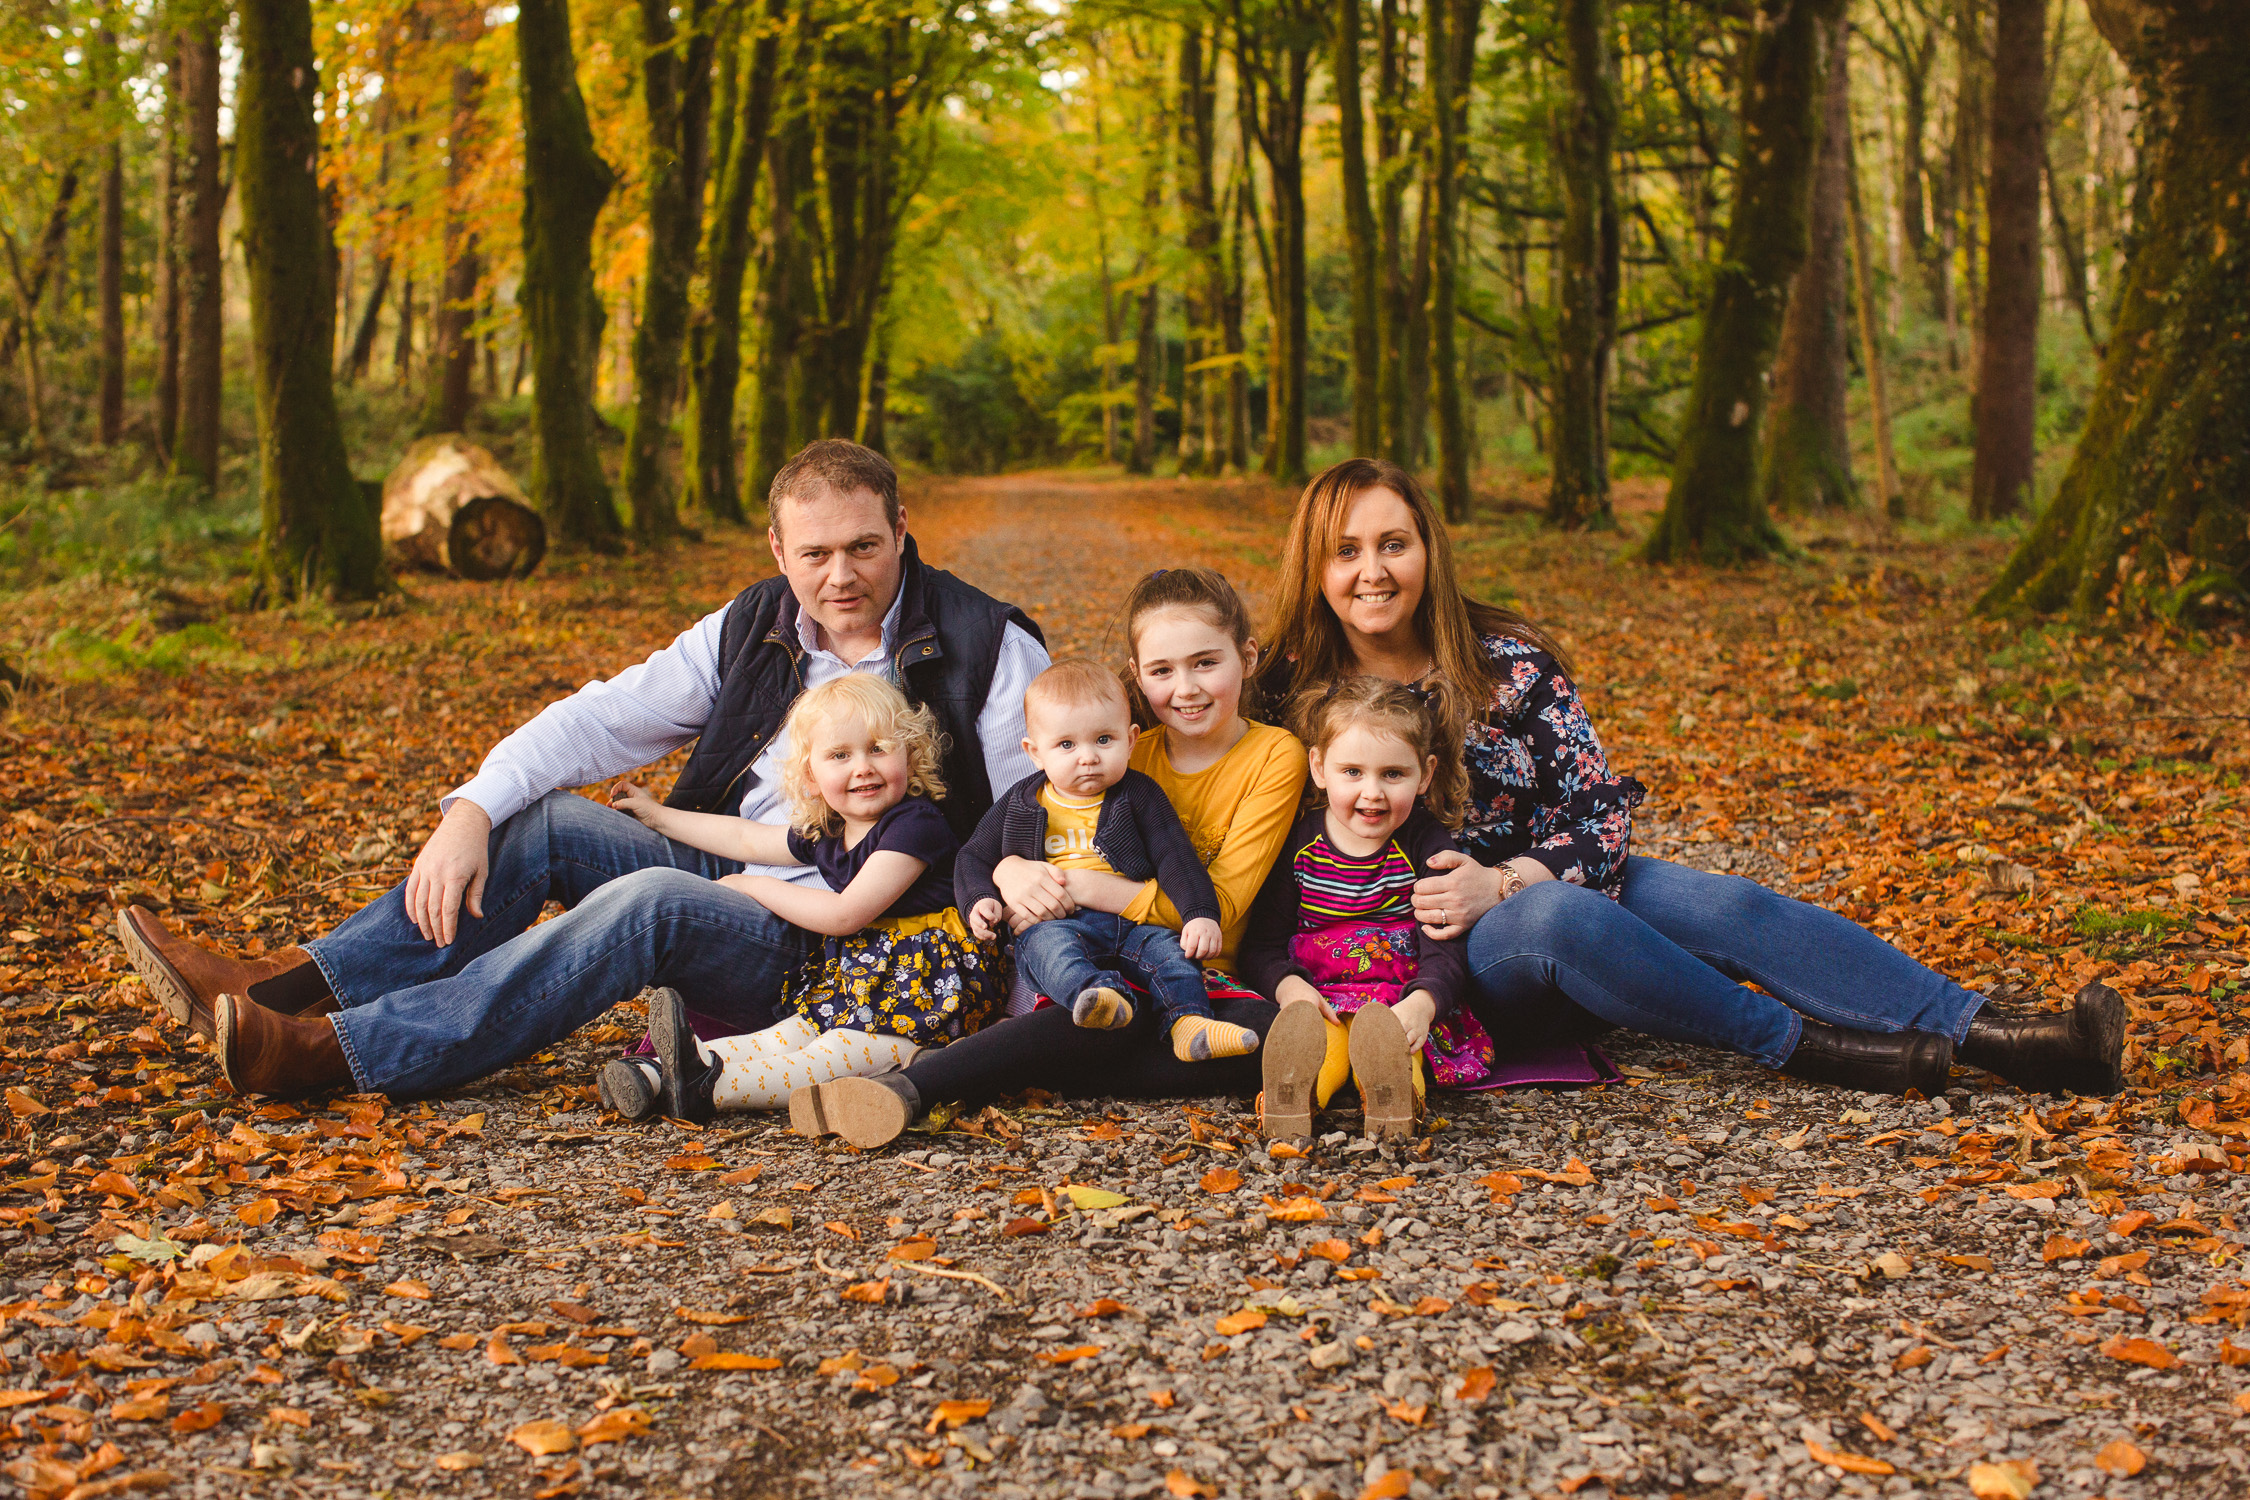 family-photography-ireland-13